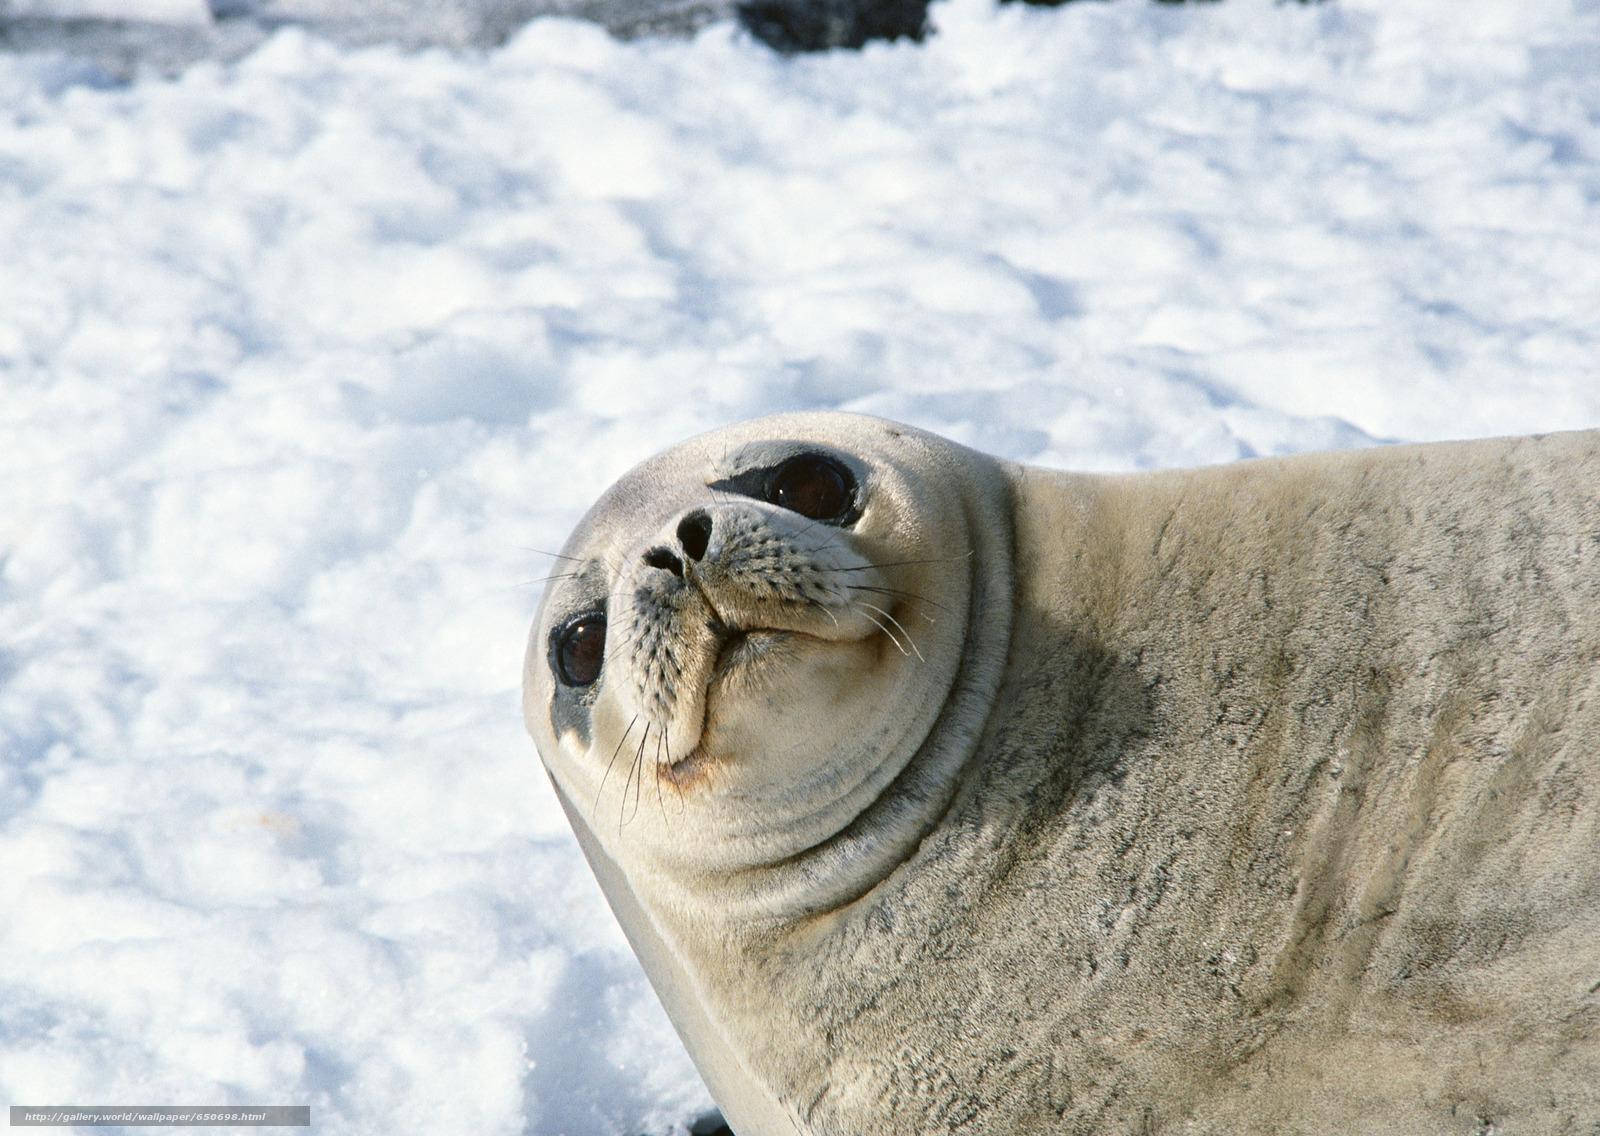 Скачать обои морской котик,  животные,  Антарктида,  снег бесплатно для рабочего стола в разрешении 2950x2094 — картинка №650698